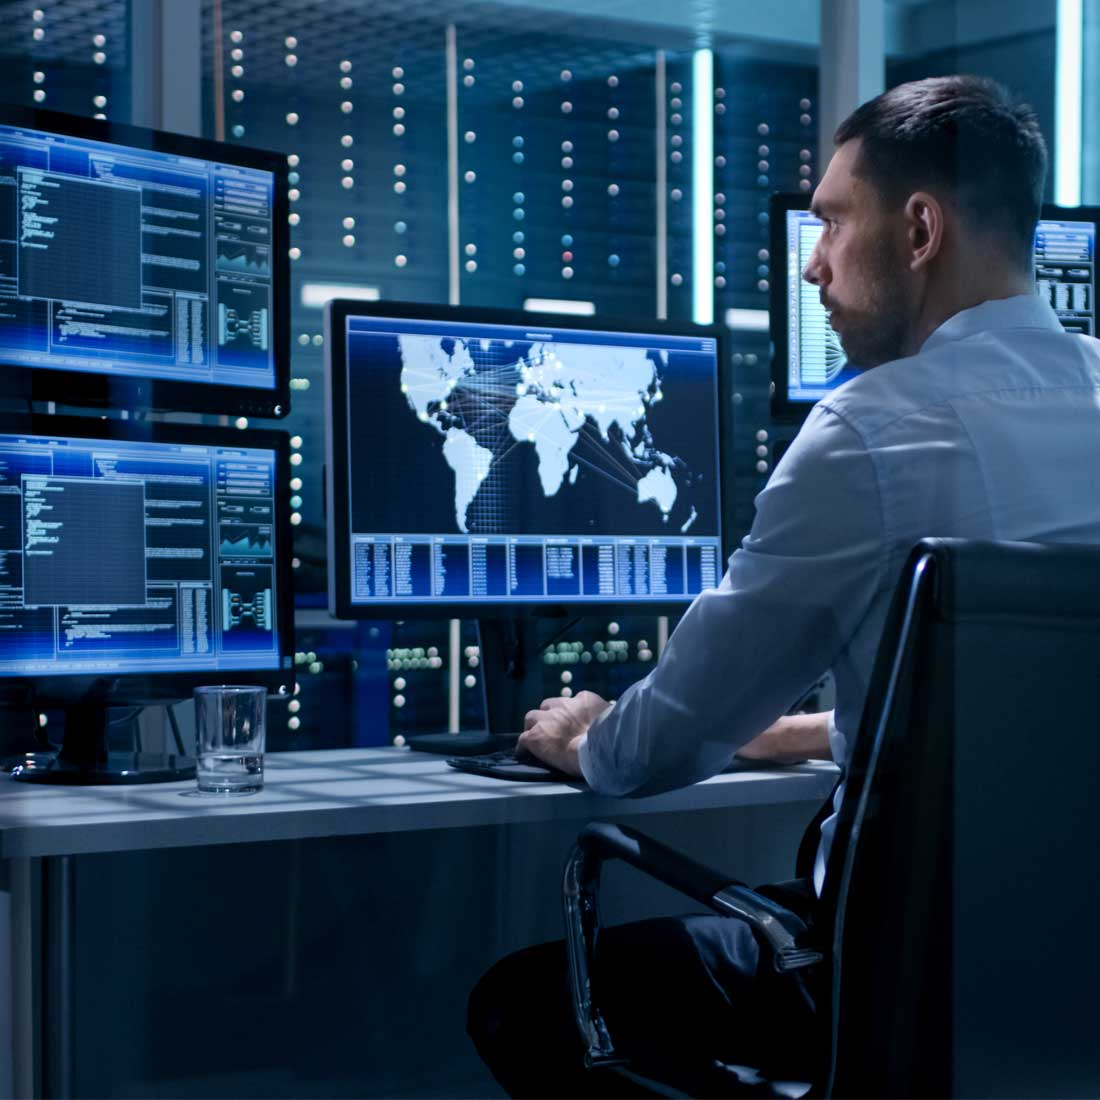 Wir machen IT-Systeme sicher: mit dem Controlware Vulnerability Management Service